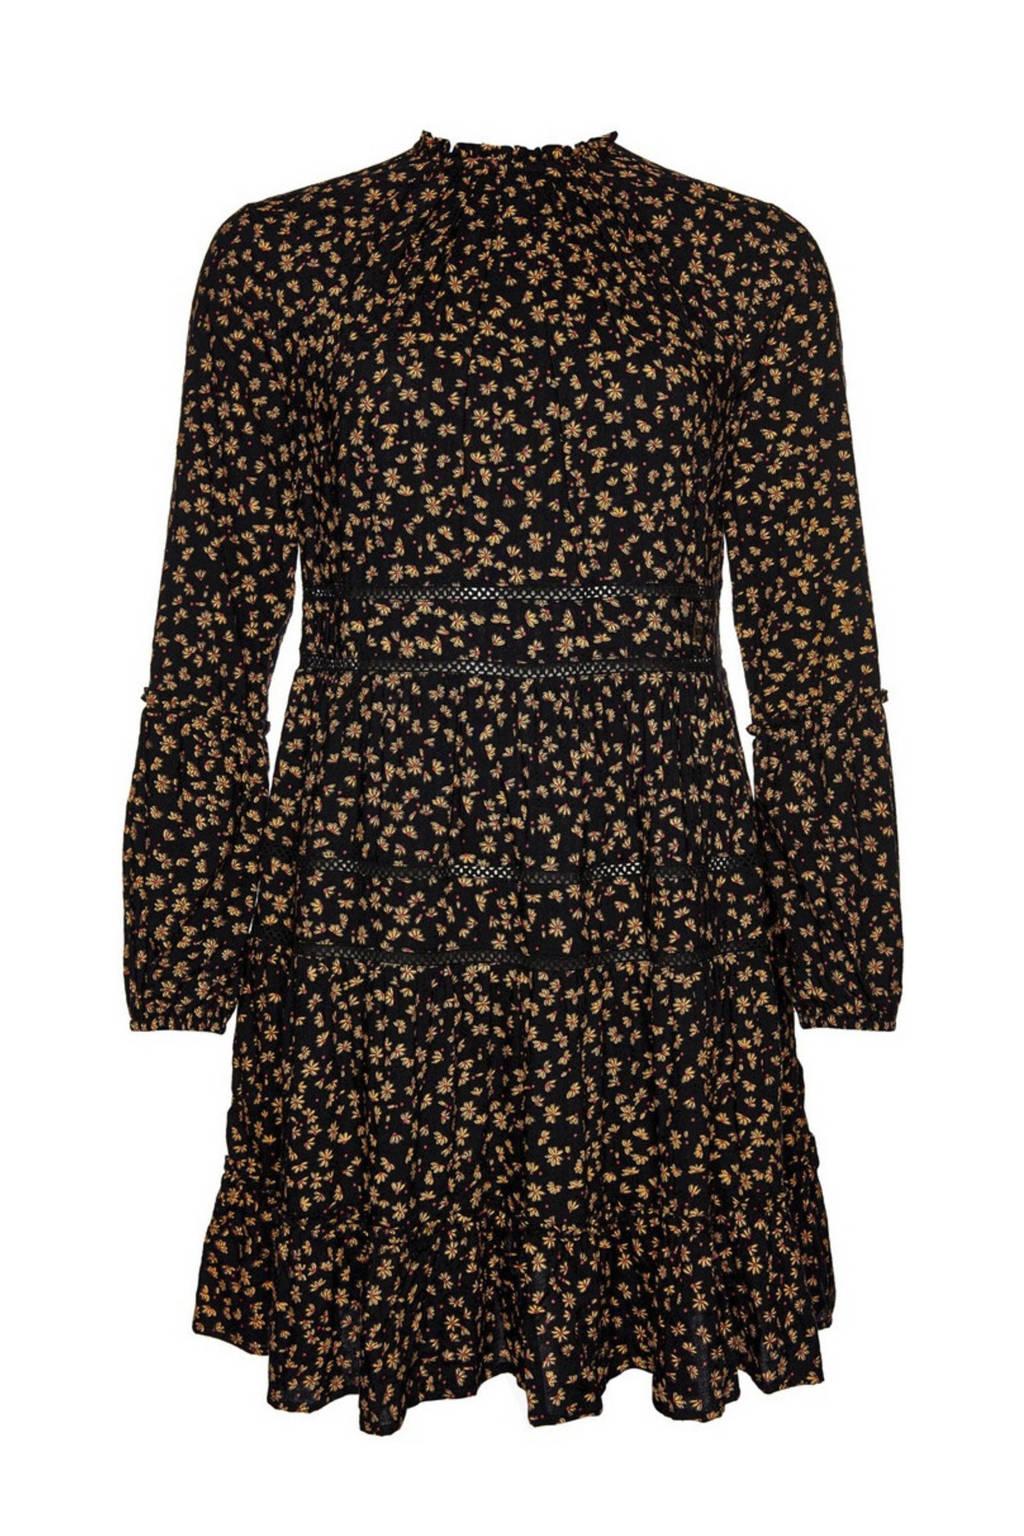 Superdry jurk met all over print zwart/geel, Zwart/geel